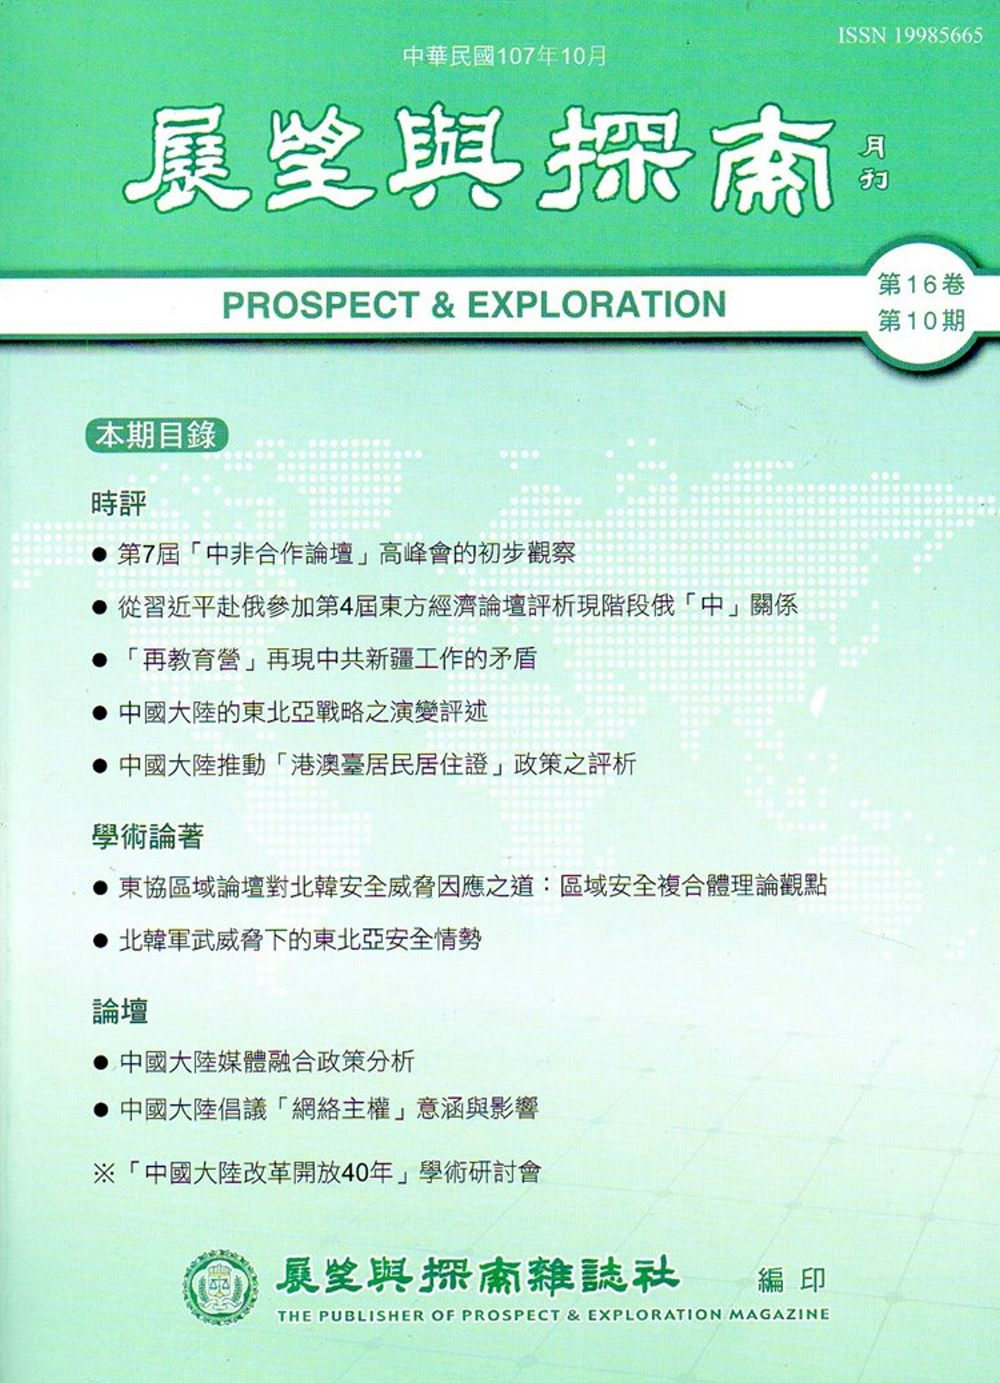 展望與探索月刊16卷10期(107/10)